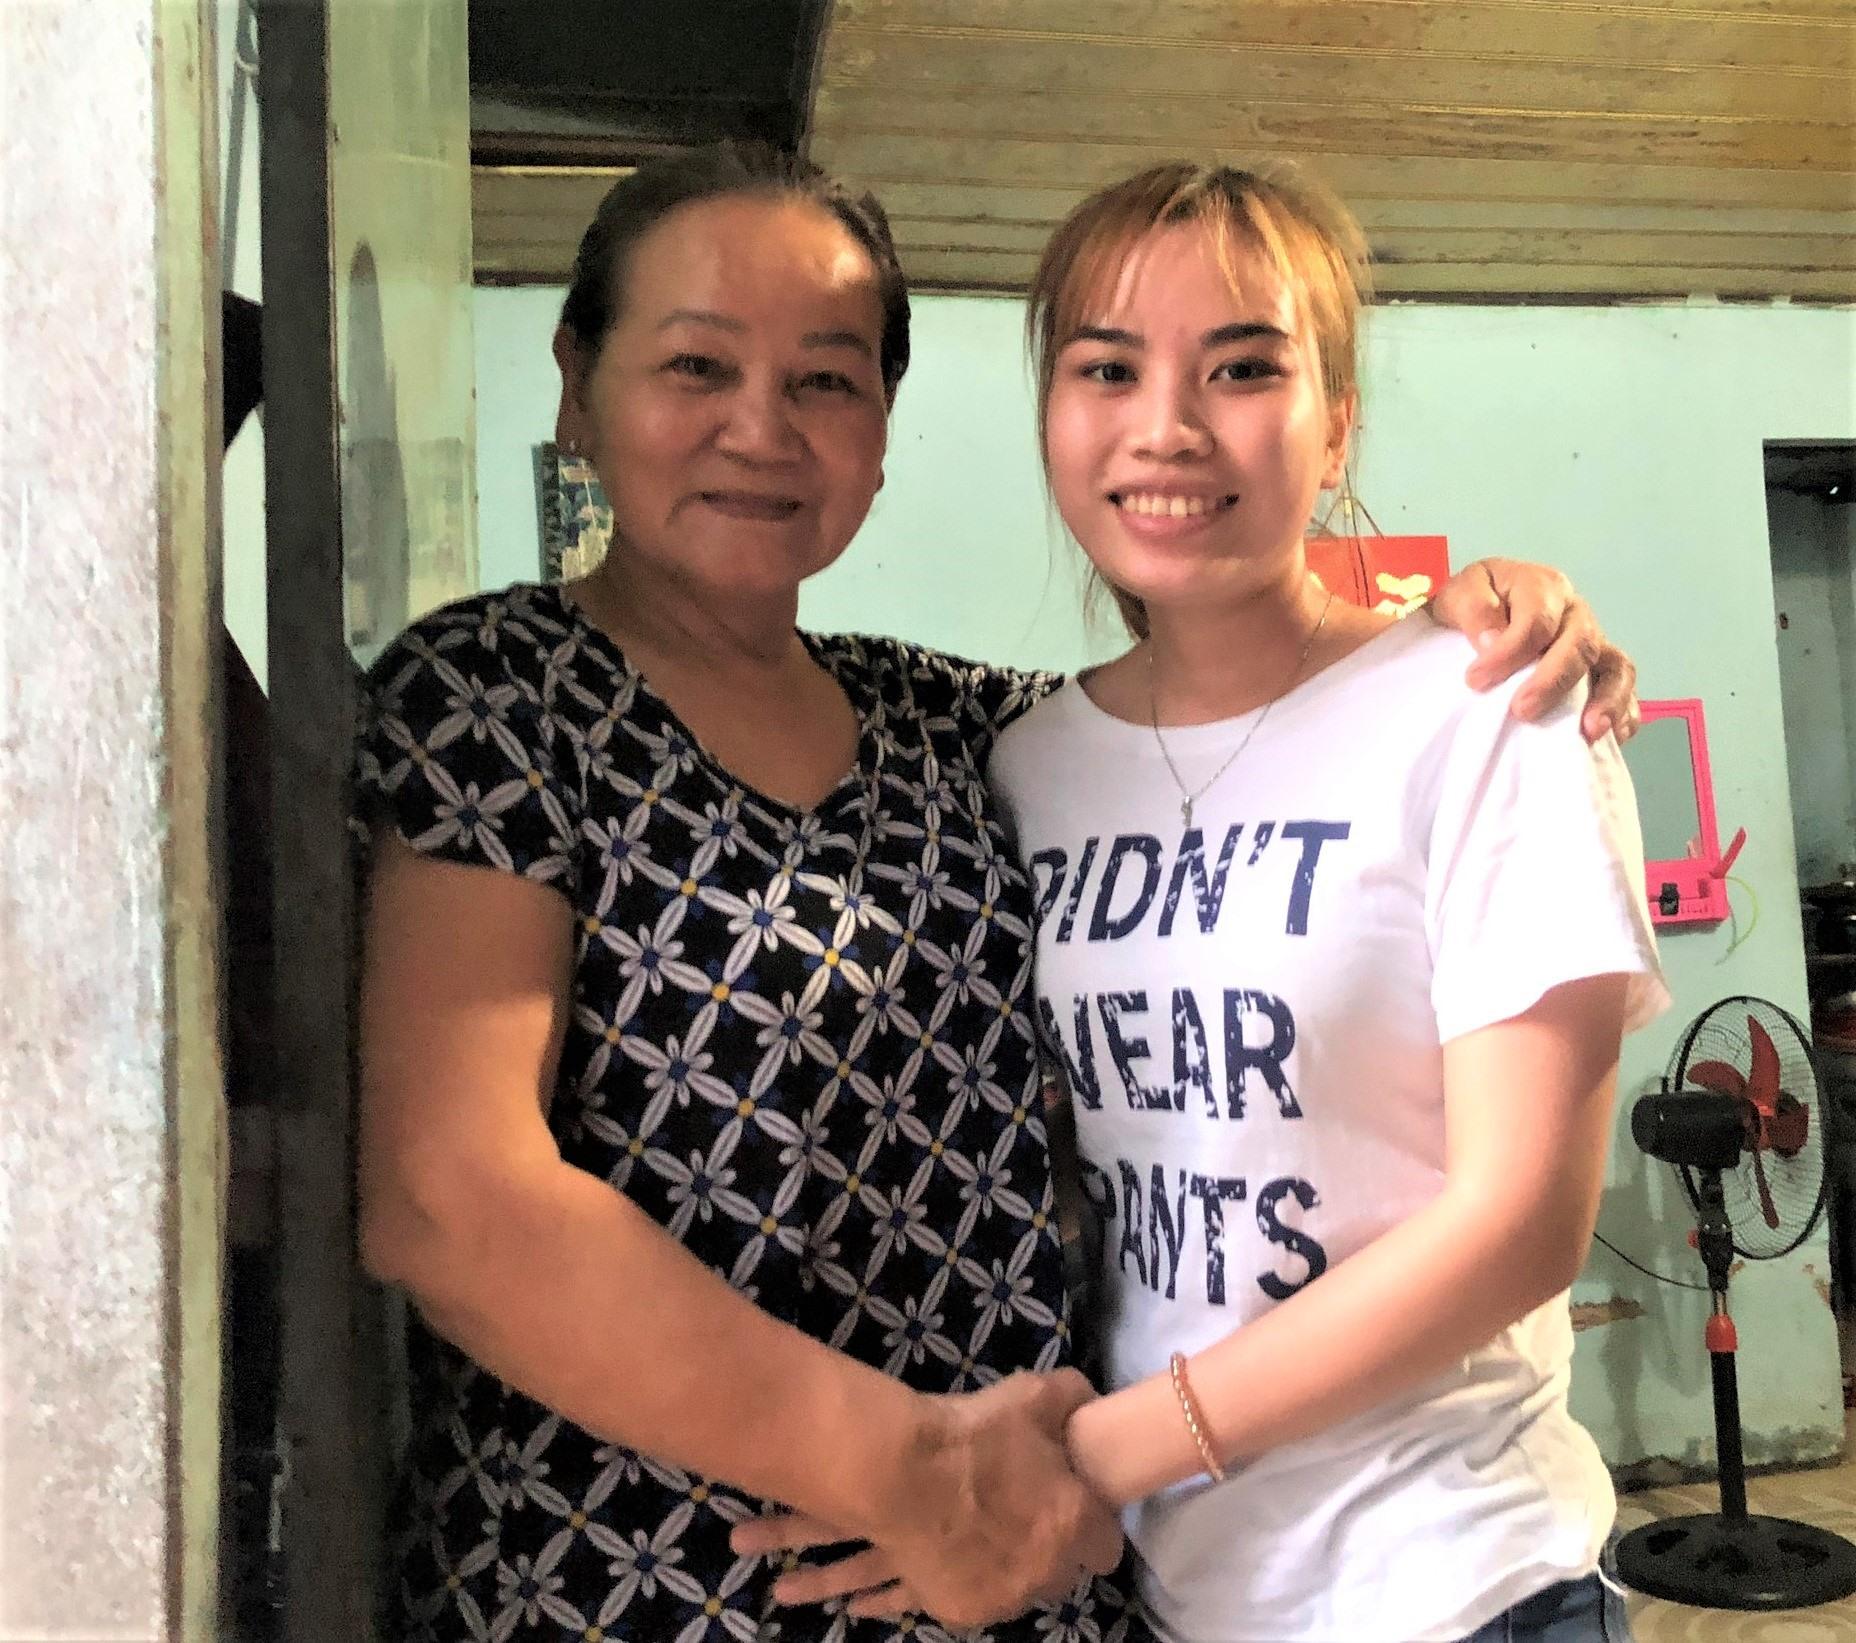 Từ tháng 4.2020, bà Trần Thị Nhàn, chủ nhà trọ ở 333/23 và 333/25 đường Tây Thạnh, sẽ giảm 50% tiền thuê nhà cho người ở trọ. Ảnh Thu Hà